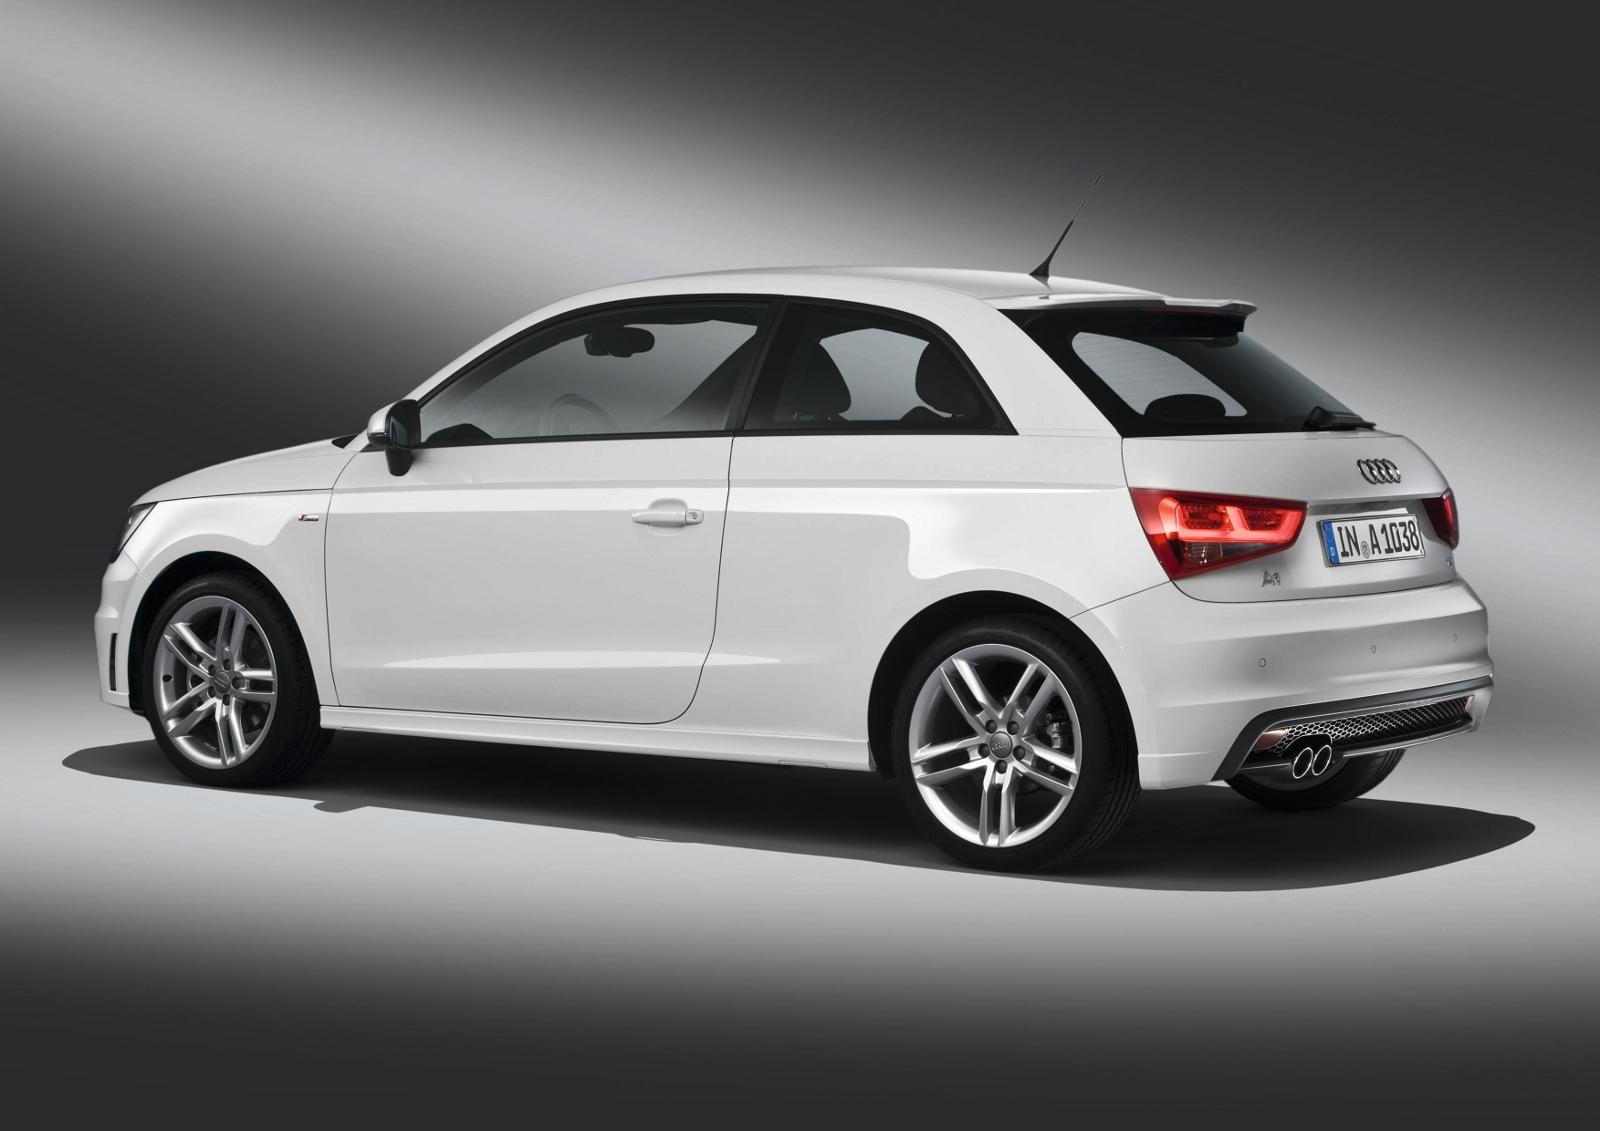 Έκθεση Παρισιού 2010: Audi A1 1.4 TFSI - AutoBlog.gr